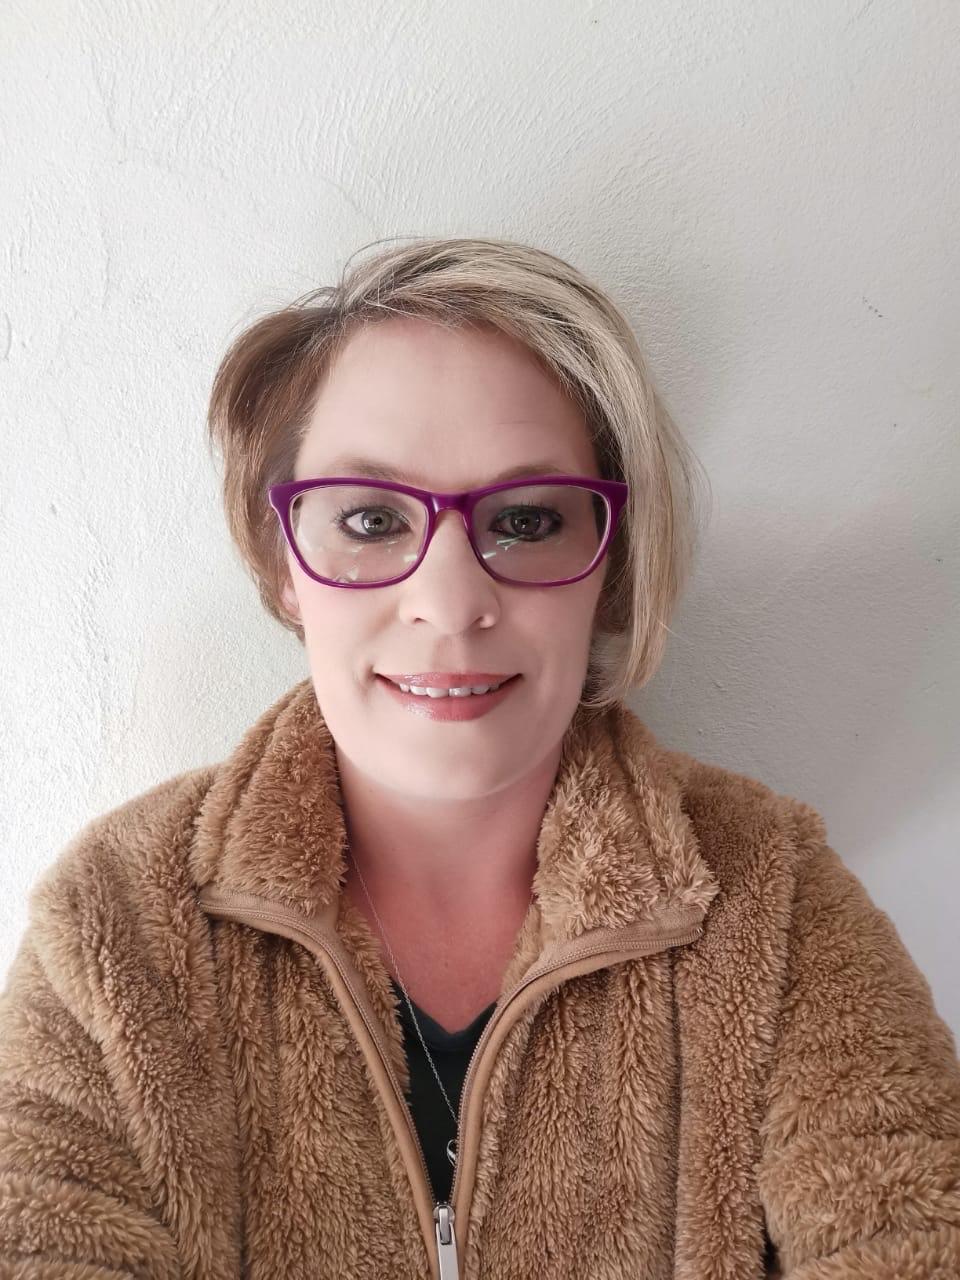 Sophia Huyser